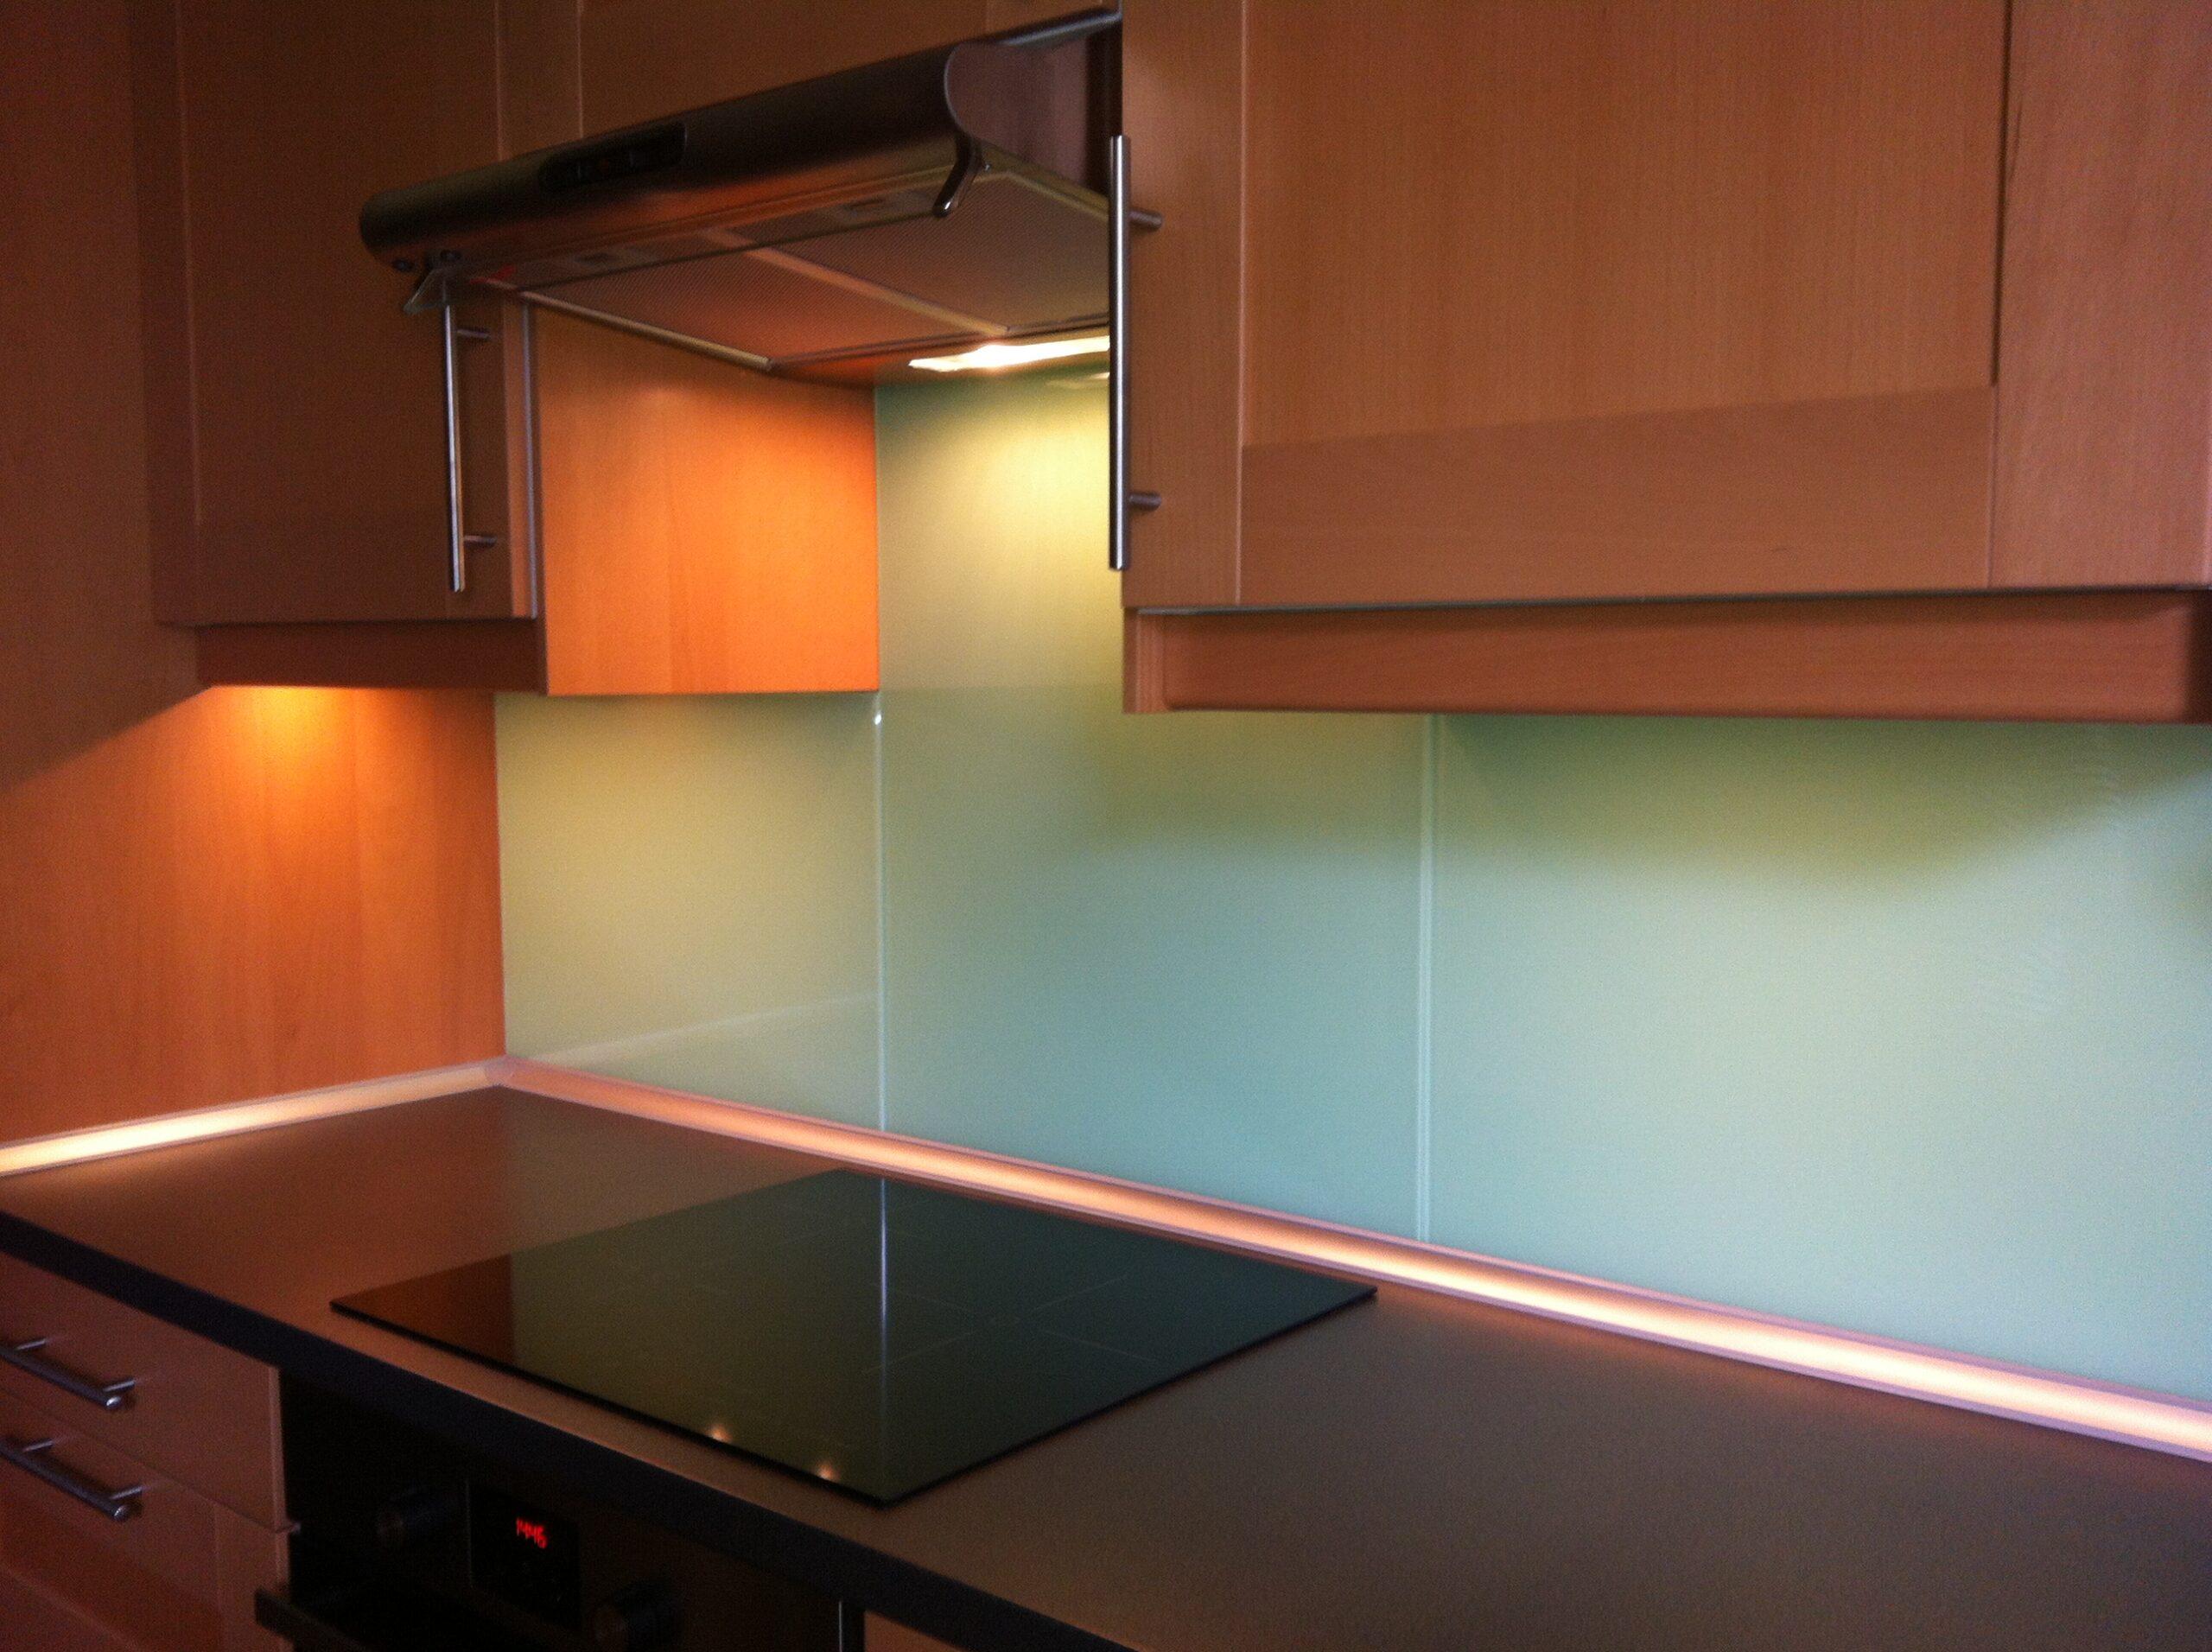 Full Size of Fliesenspiegel Verkleiden Kchenwnde Wandverkleidung Aus Glas Küche Selber Machen Wohnzimmer Fliesenspiegel Verkleiden